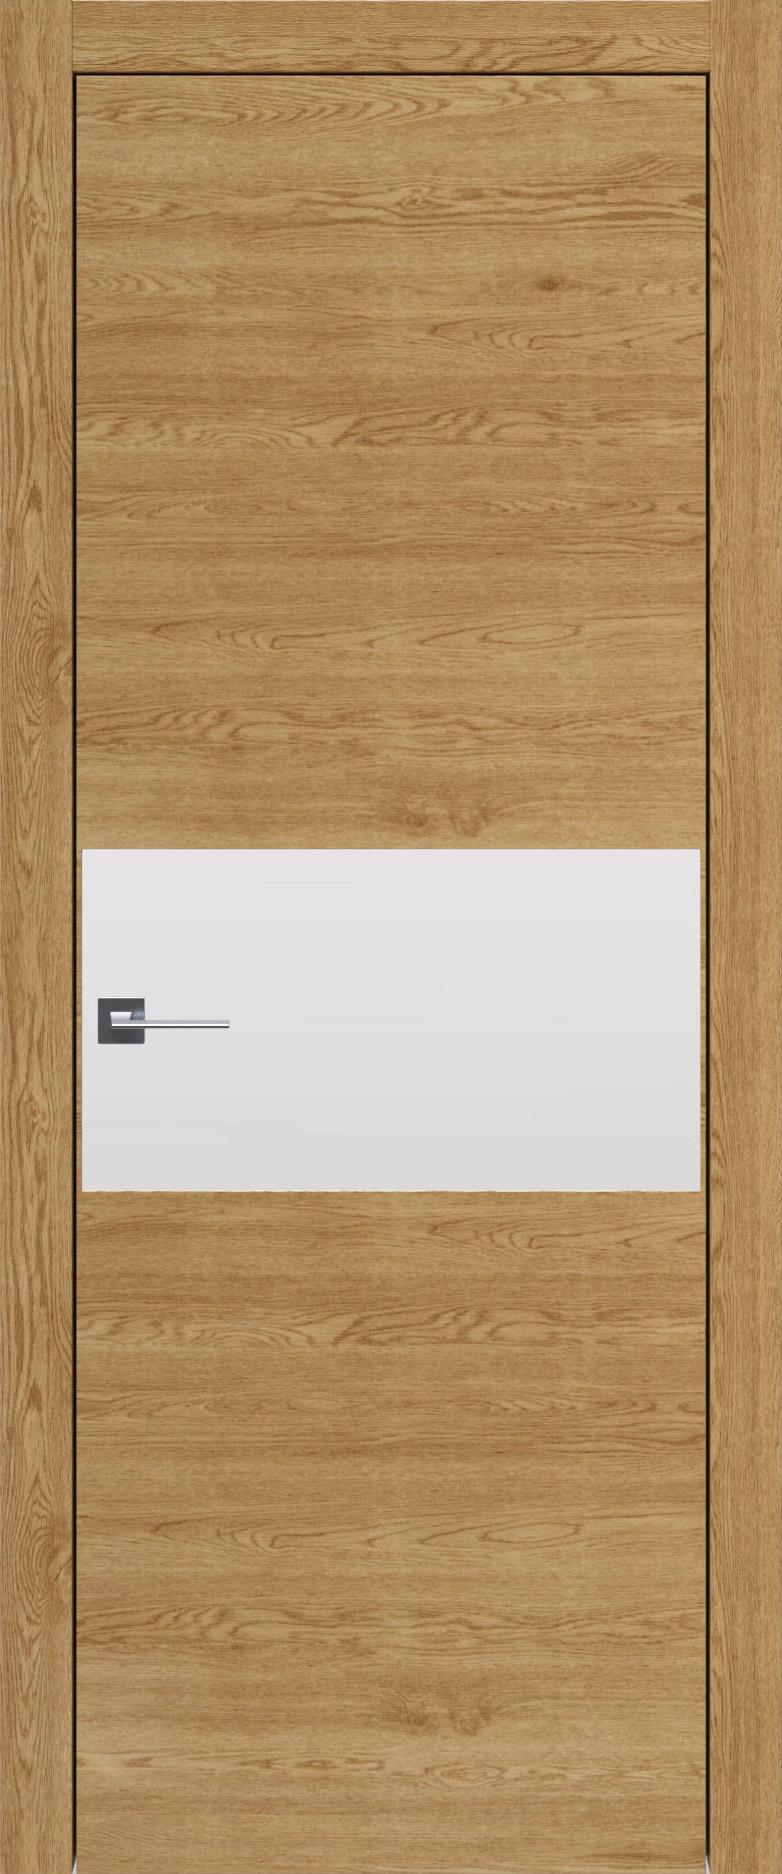 Tivoli Е-4 цвет - Дуб натуральный Без стекла (ДГ)